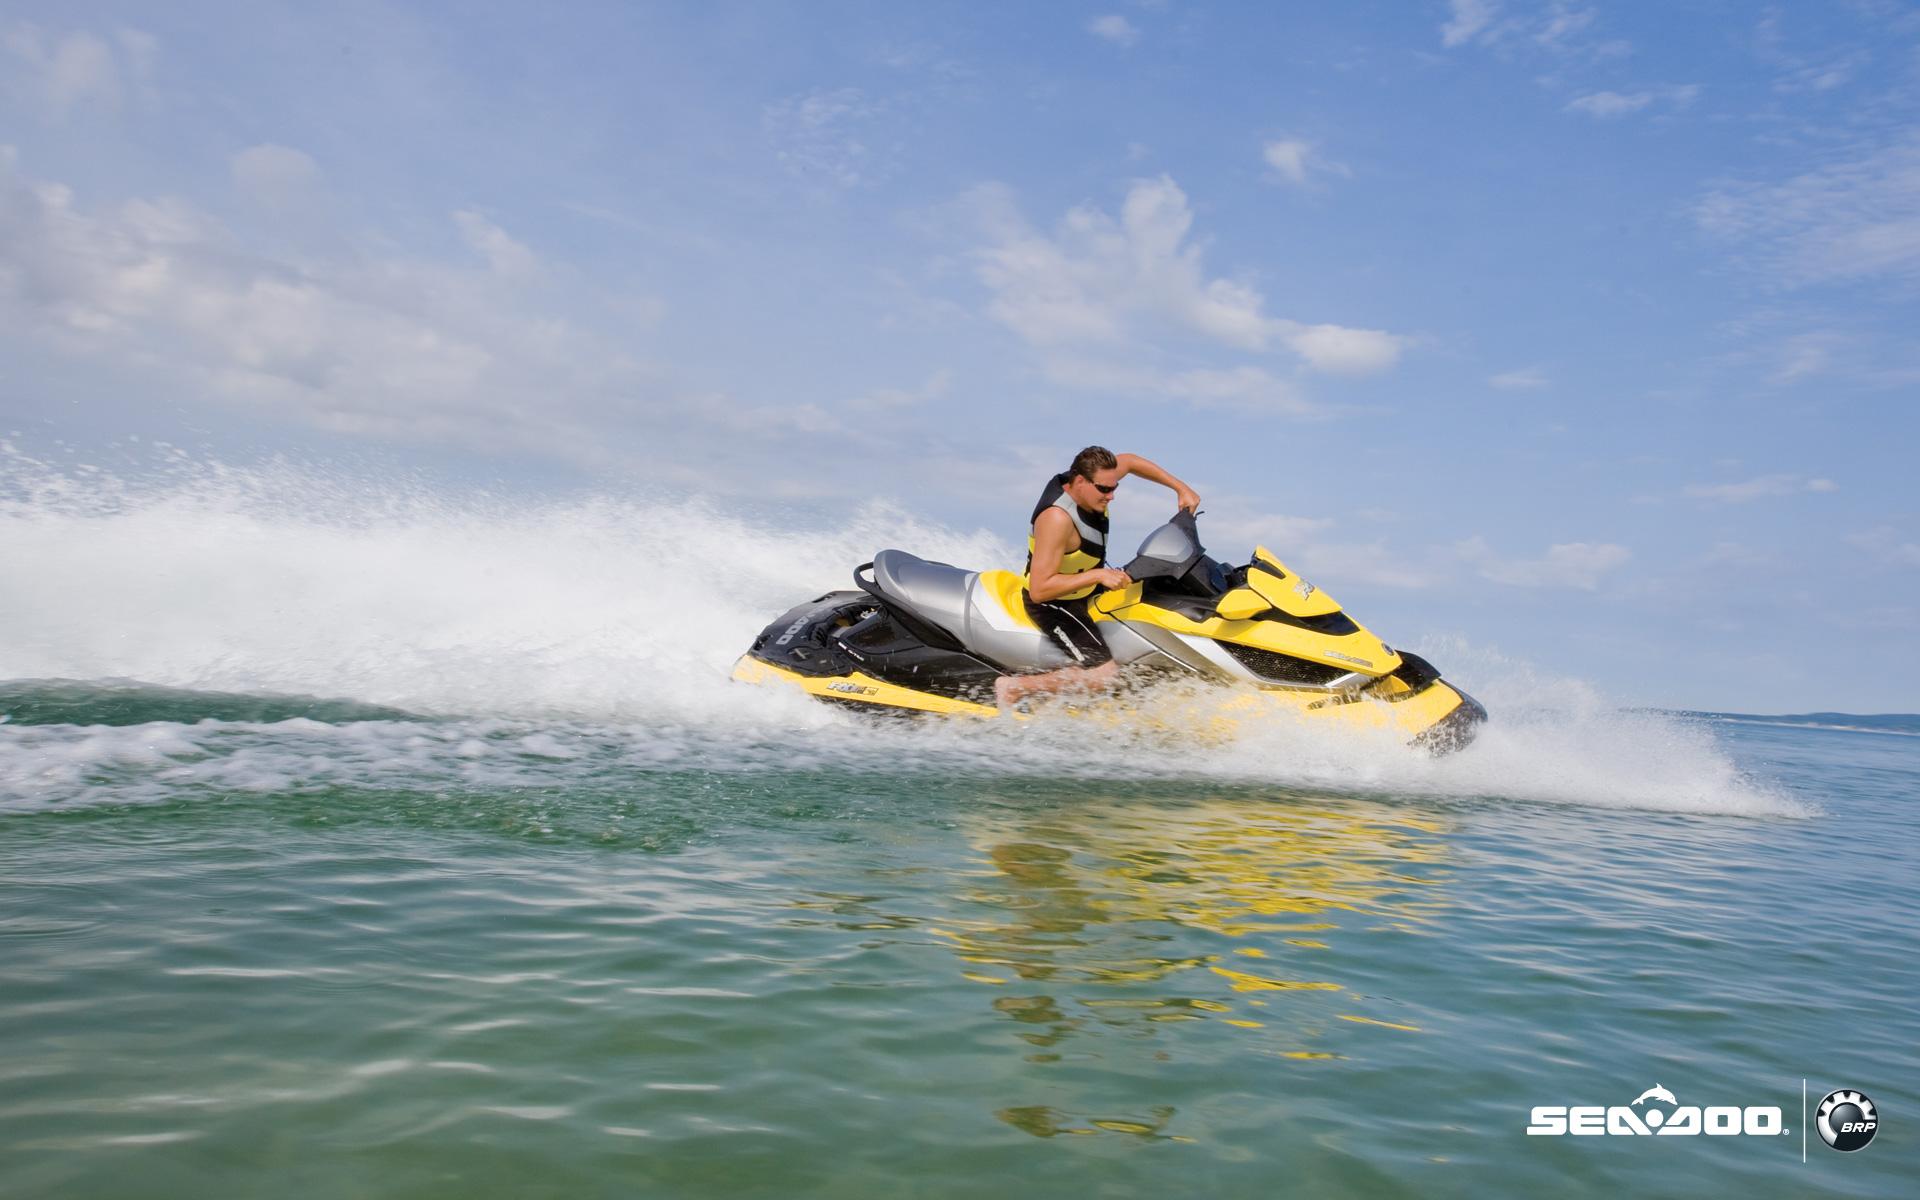 скутер, водный мотоцикл, фото